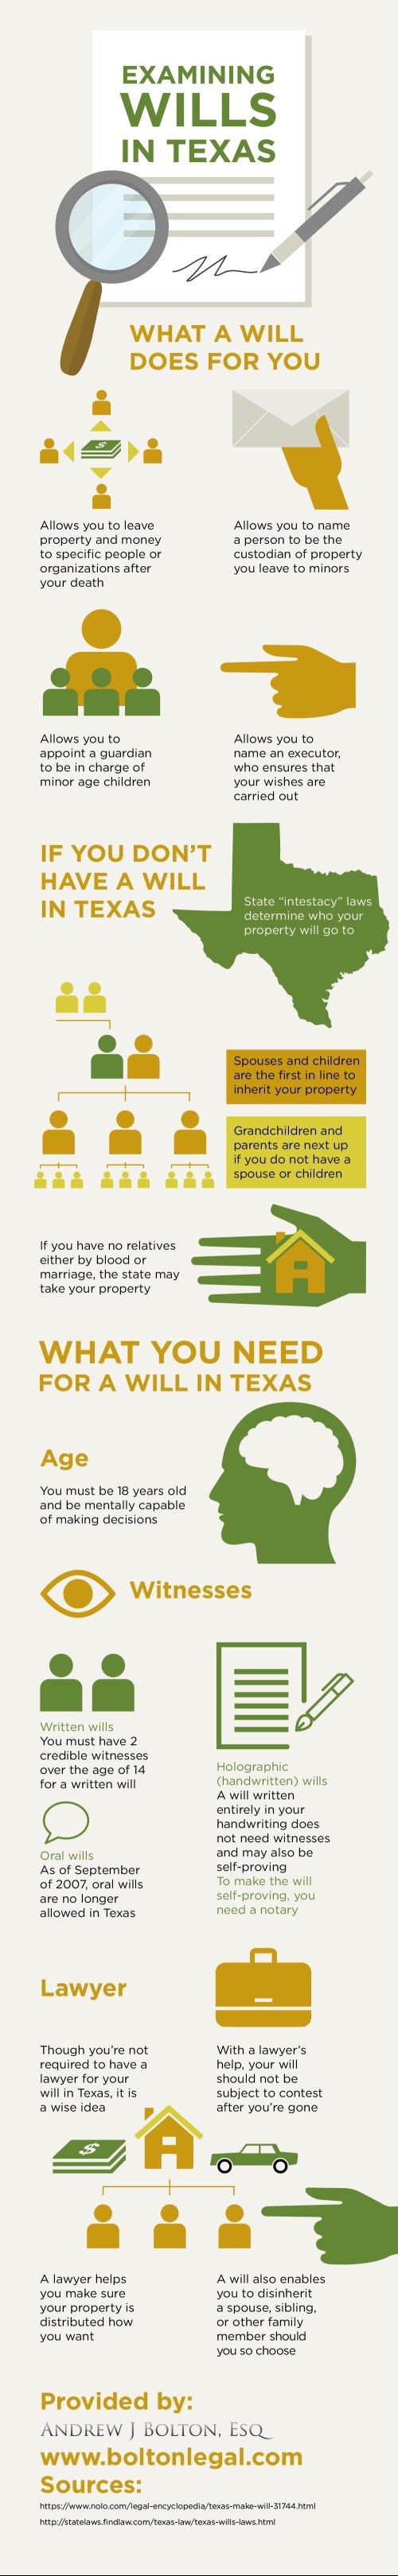 Examining Wills in Texas